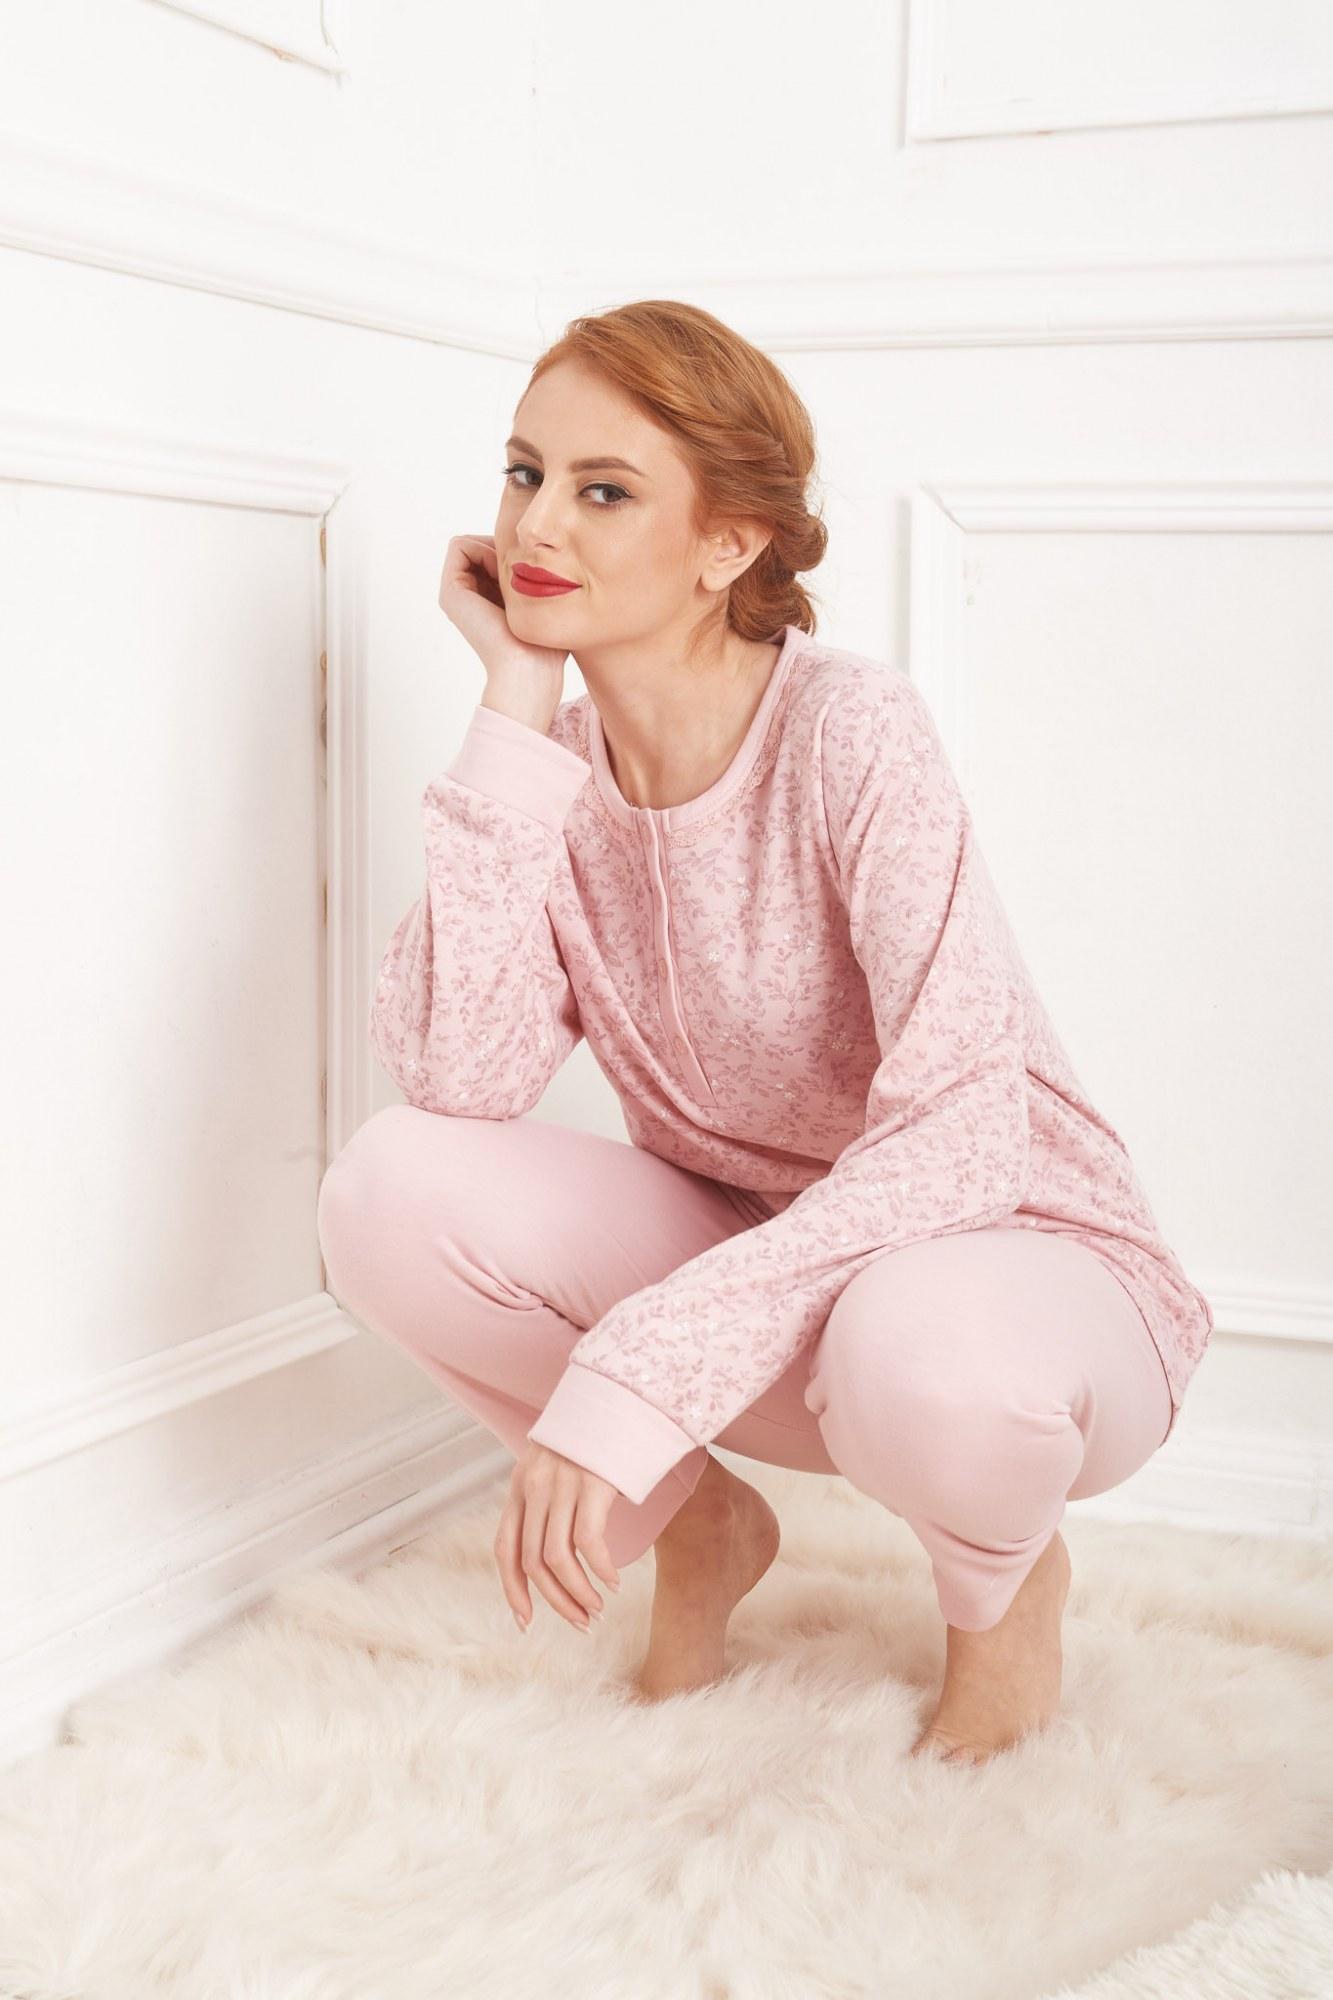 Σετ πυτζάμες ροζ με ανθάκια στη μπλούζα